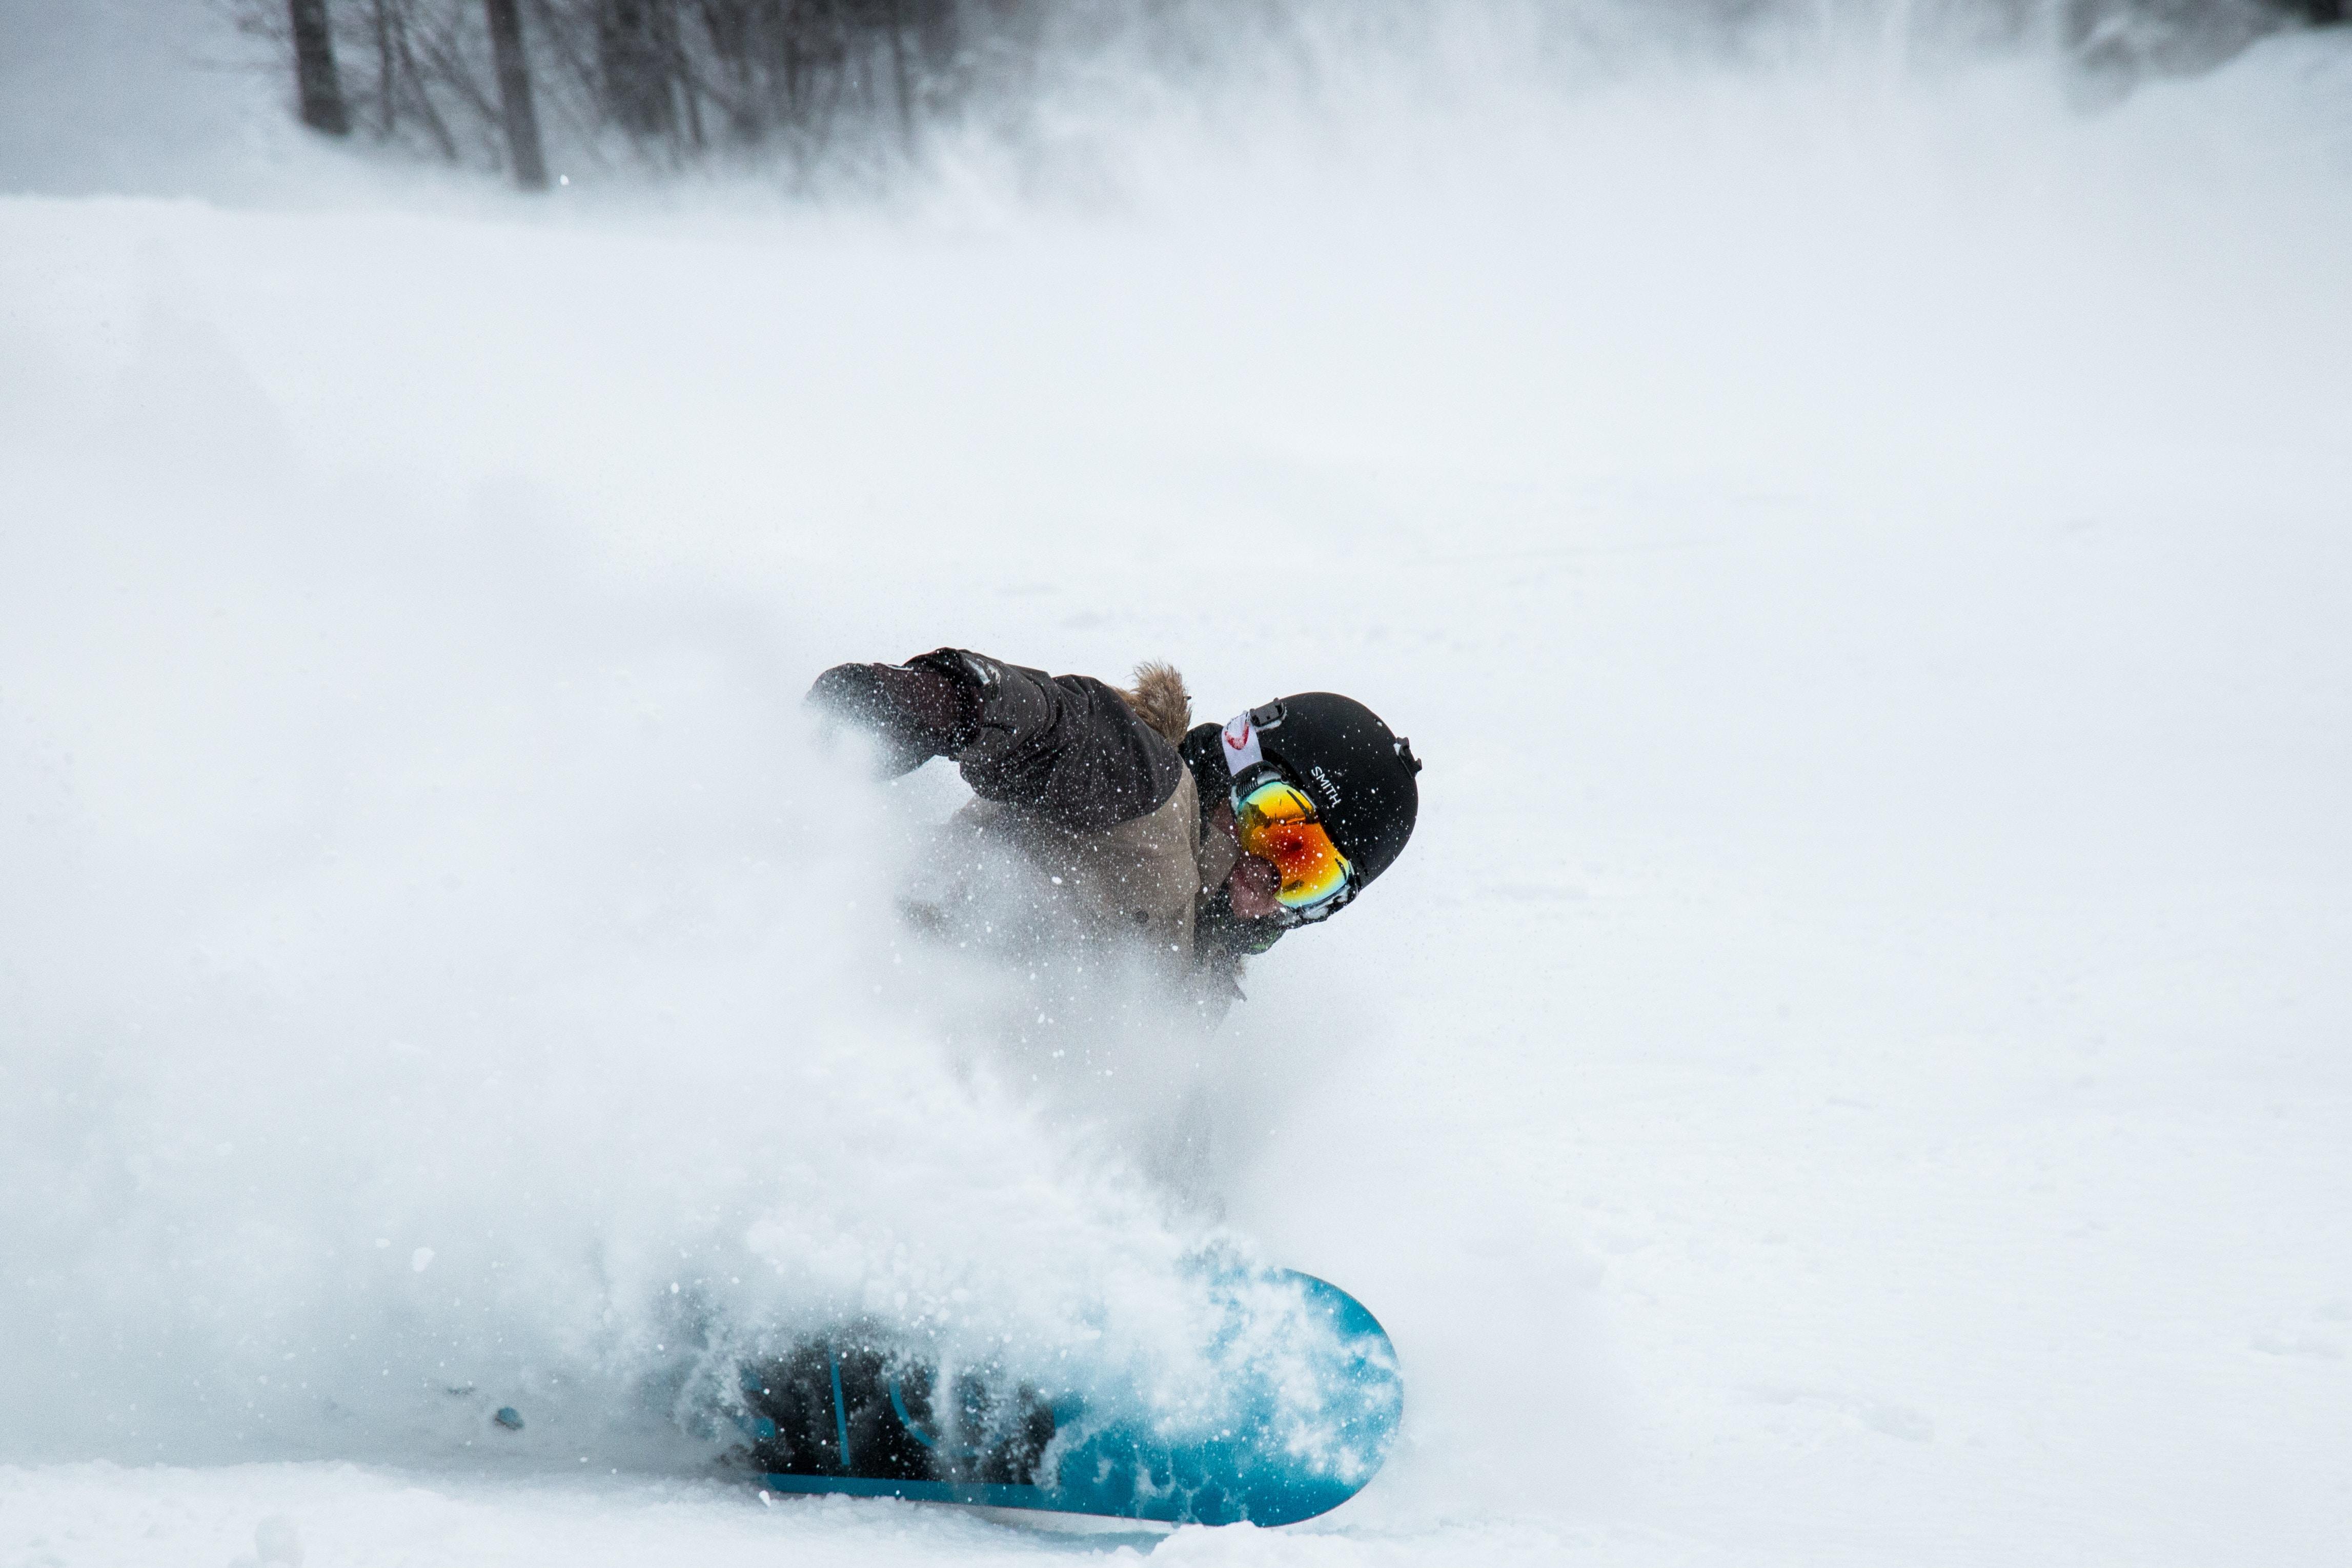 man snowboarding at daytime